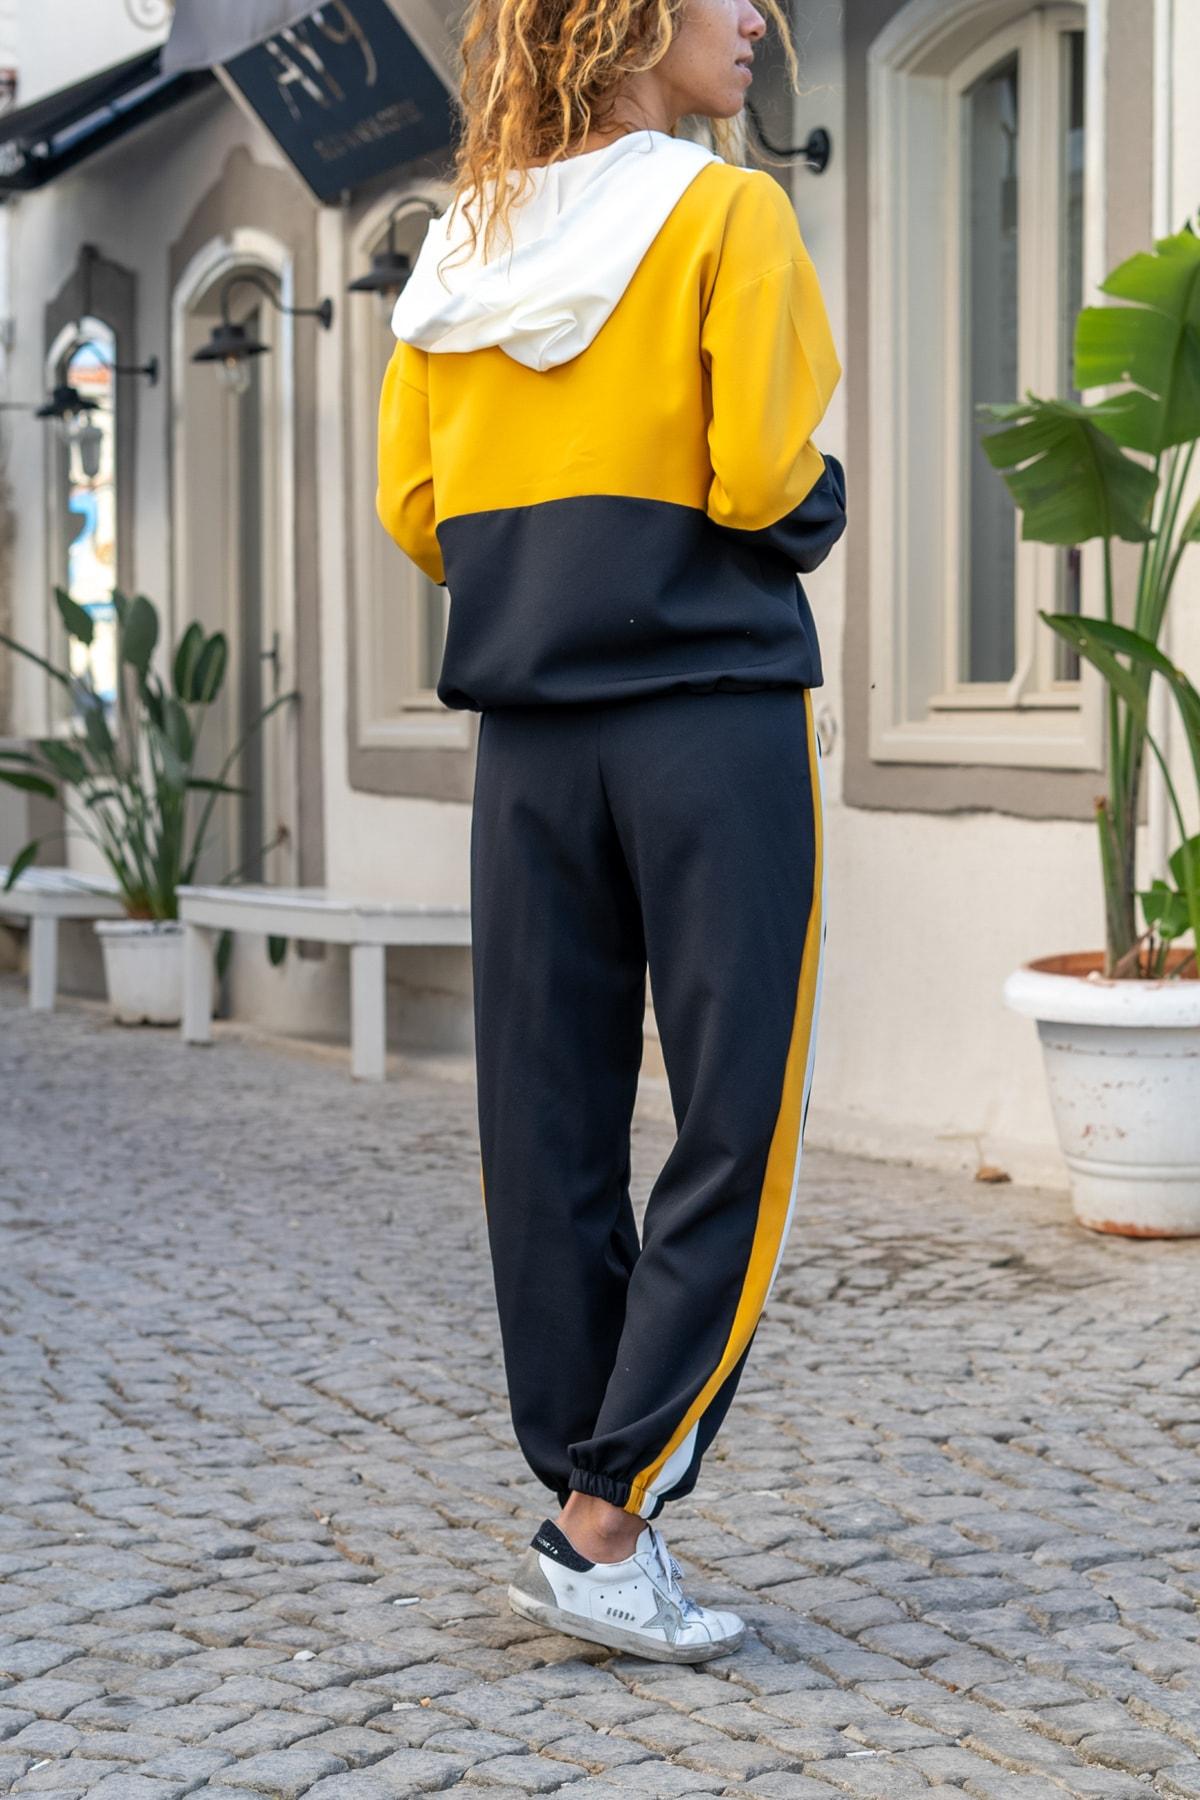 Güneşkızı Kadın Siyah-Sarı Kapüşonlu Color Block Alt-Üst Takım GK-AYN1796 1